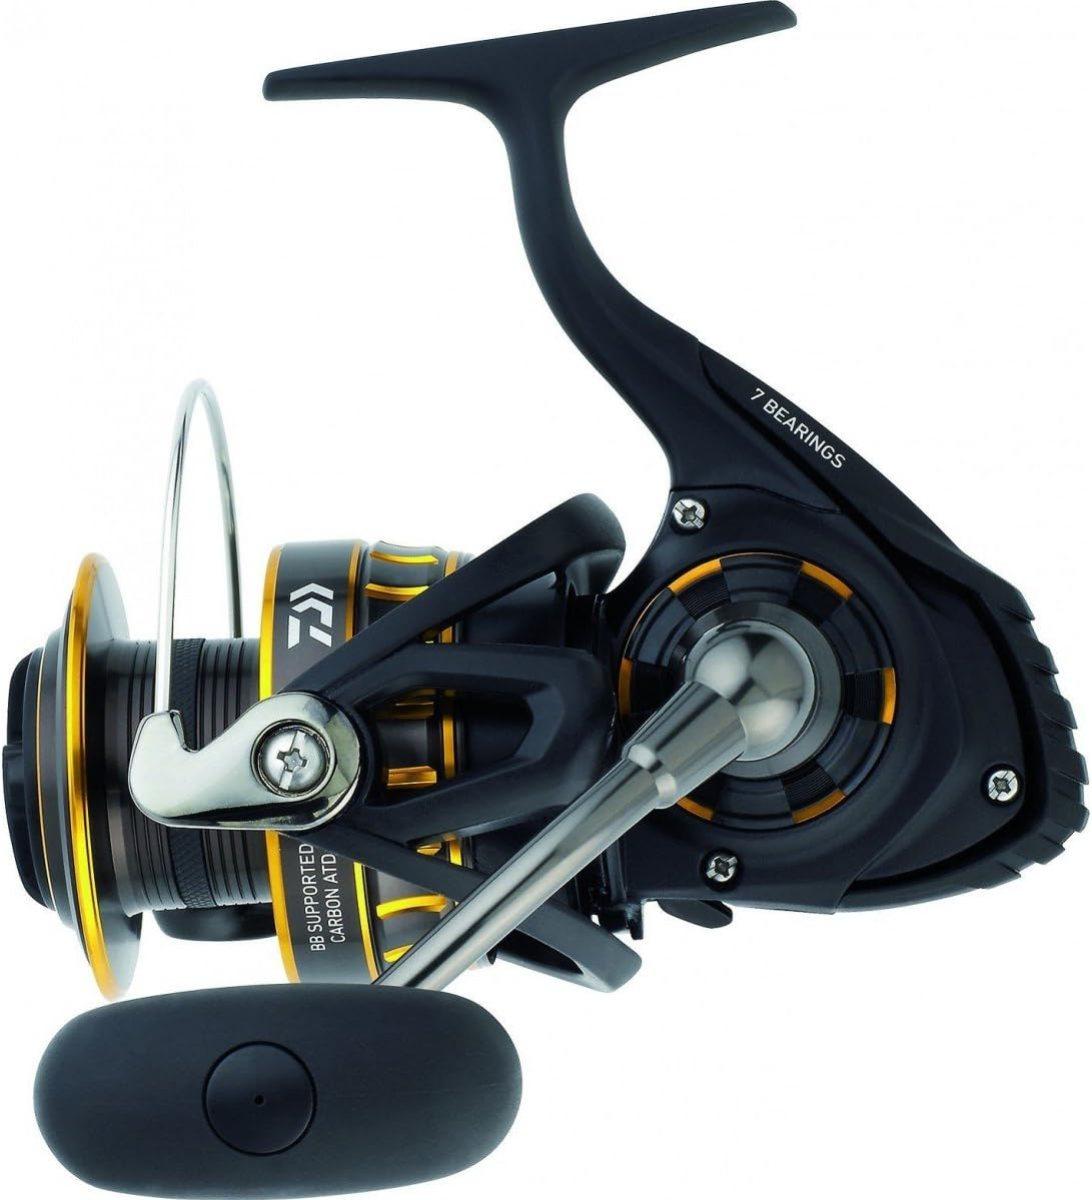 Daiwa BG2500 BG Saltwater Spinning Reel review